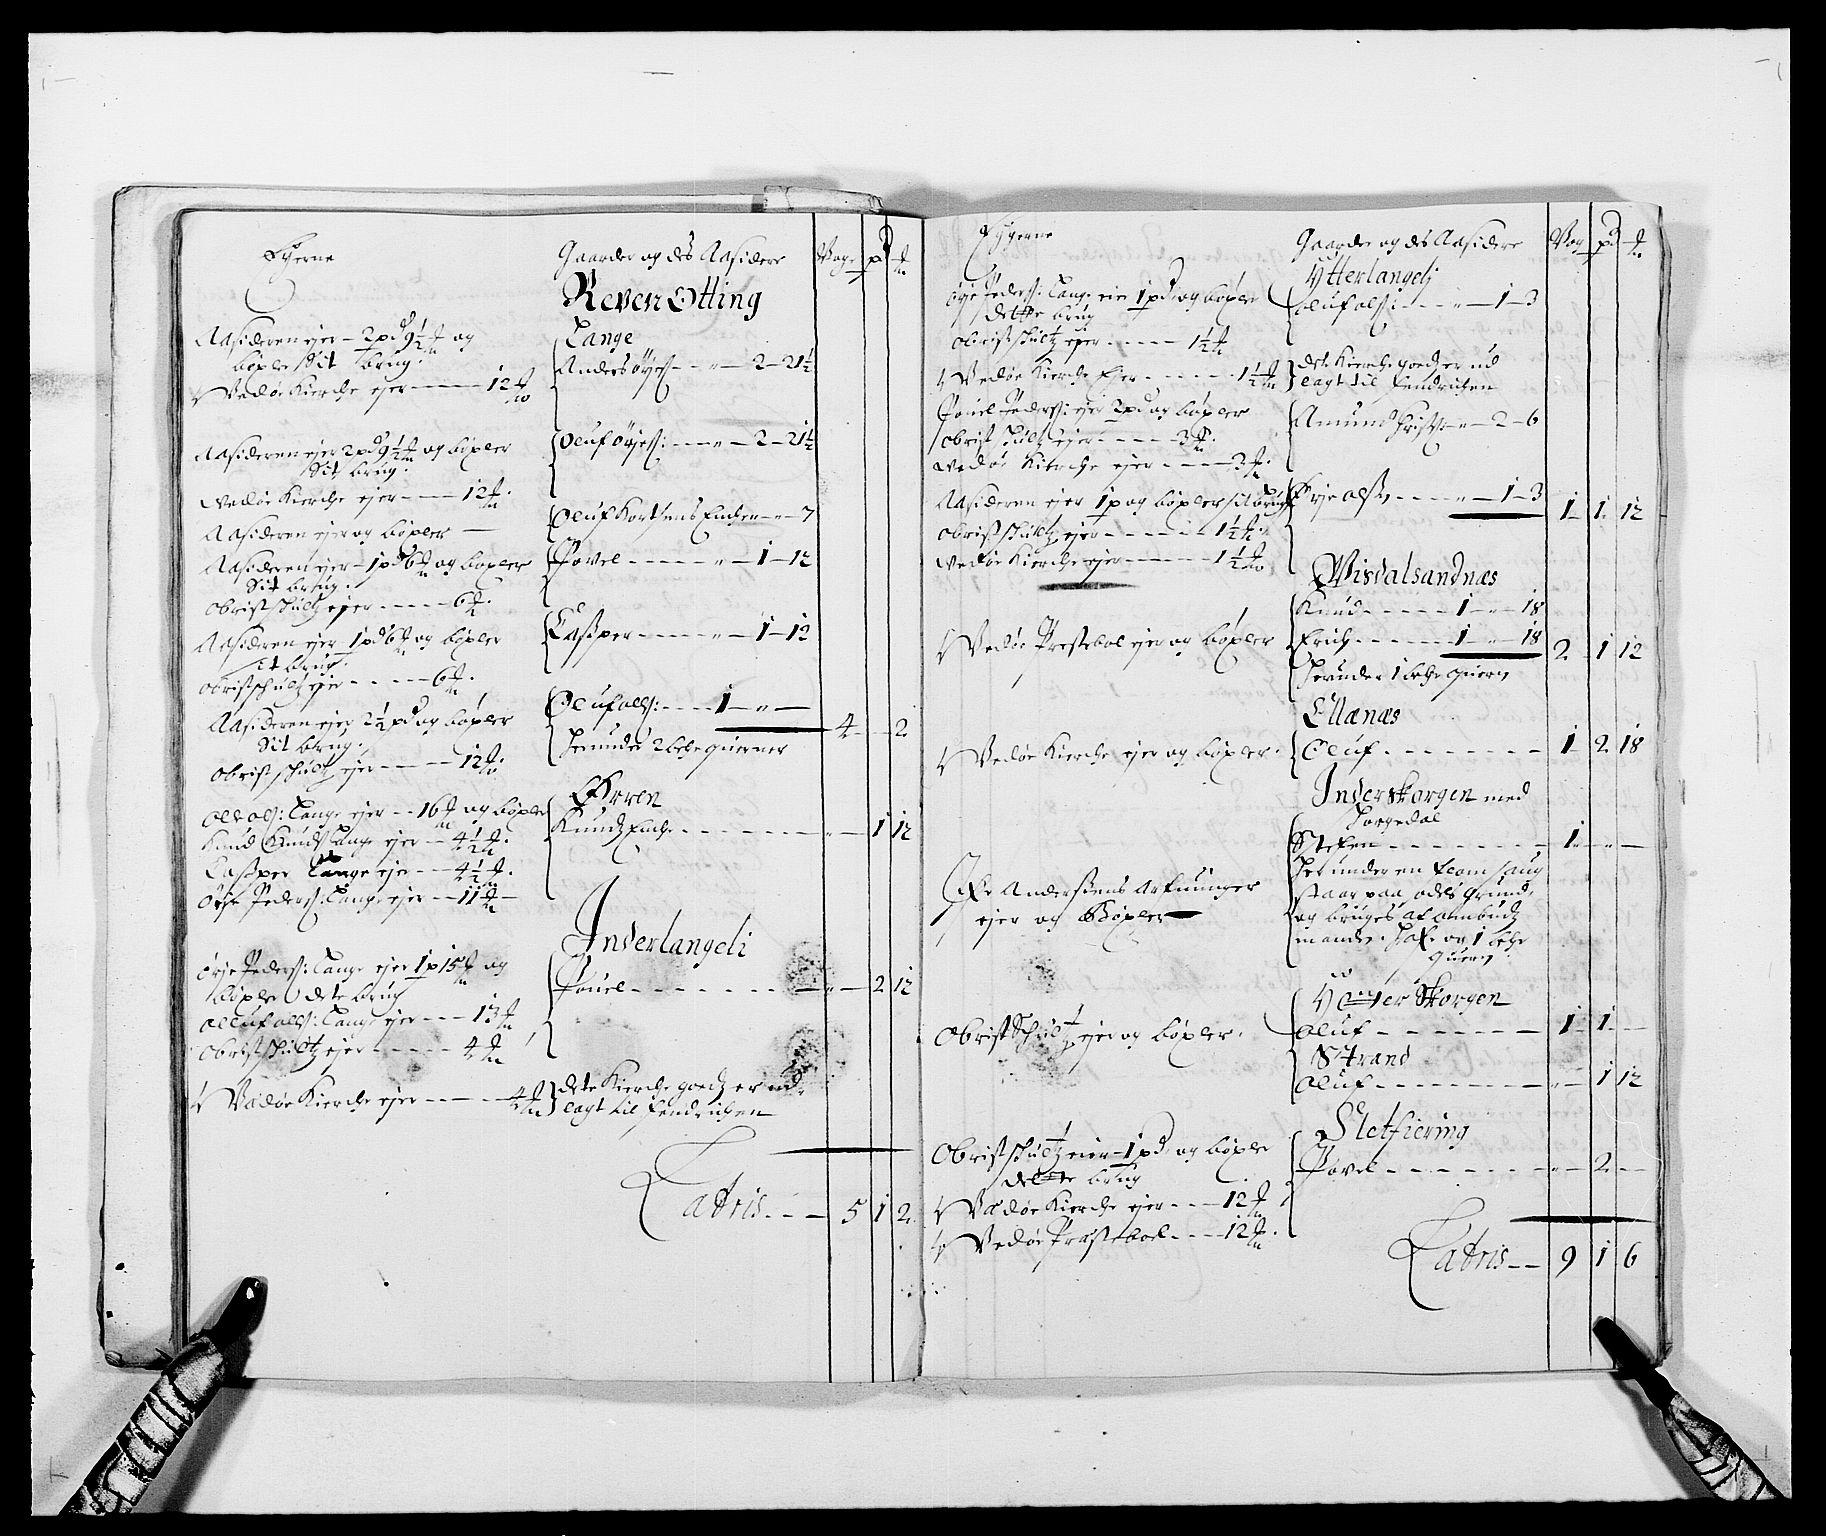 RA, Rentekammeret inntil 1814, Reviderte regnskaper, Fogderegnskap, R55/L3648: Fogderegnskap Romsdal, 1687-1689, s. 182